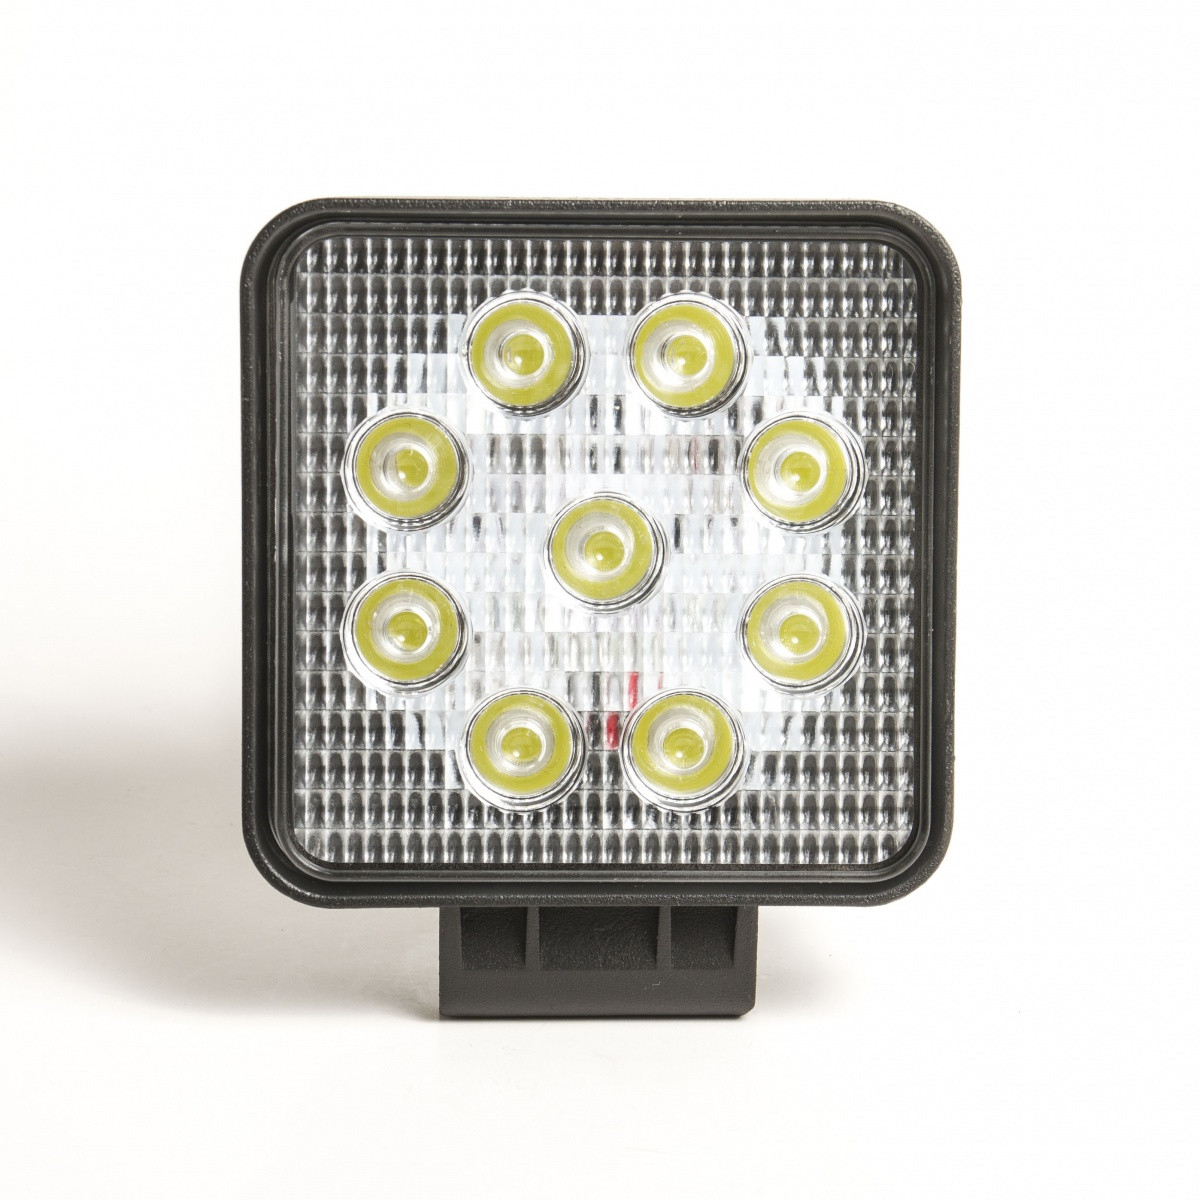 Світлодіодна LED фара 3W*9 27Вт. IP67 12В, 24В 2700 lms